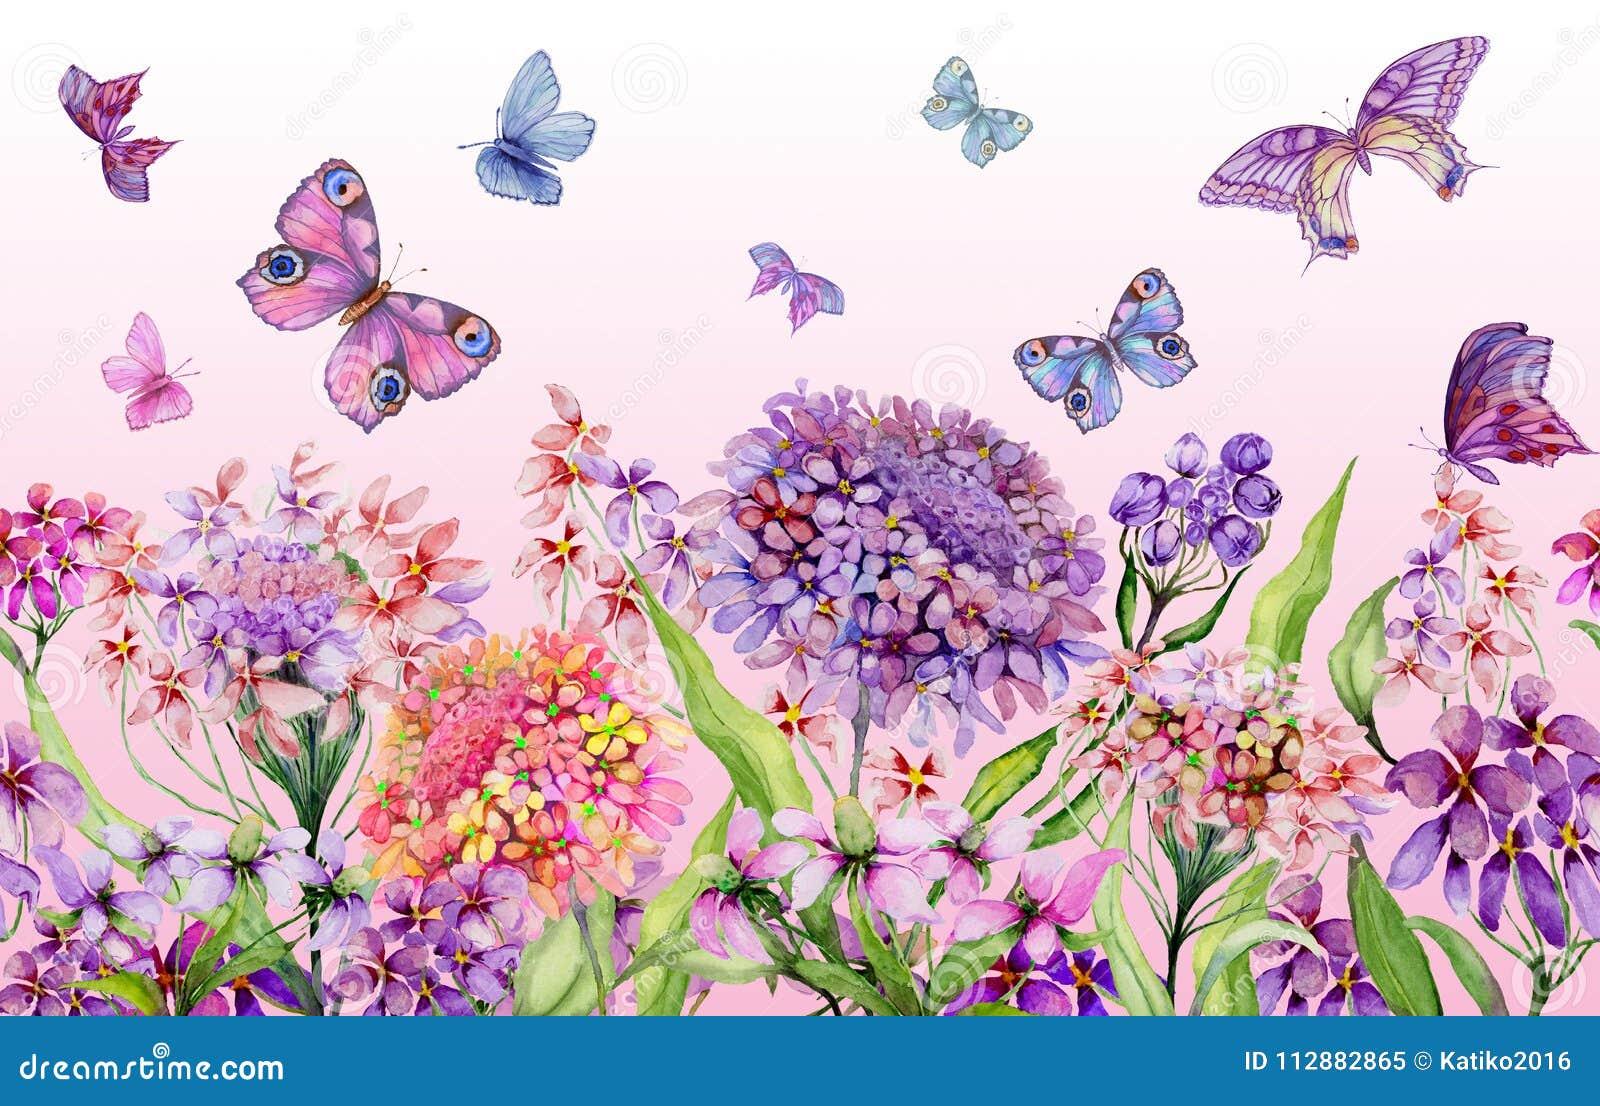 Brett baner för sommar Härliga livliga iberisblommor och färgrika fjärilar på rosa bakgrund Horisontalmall